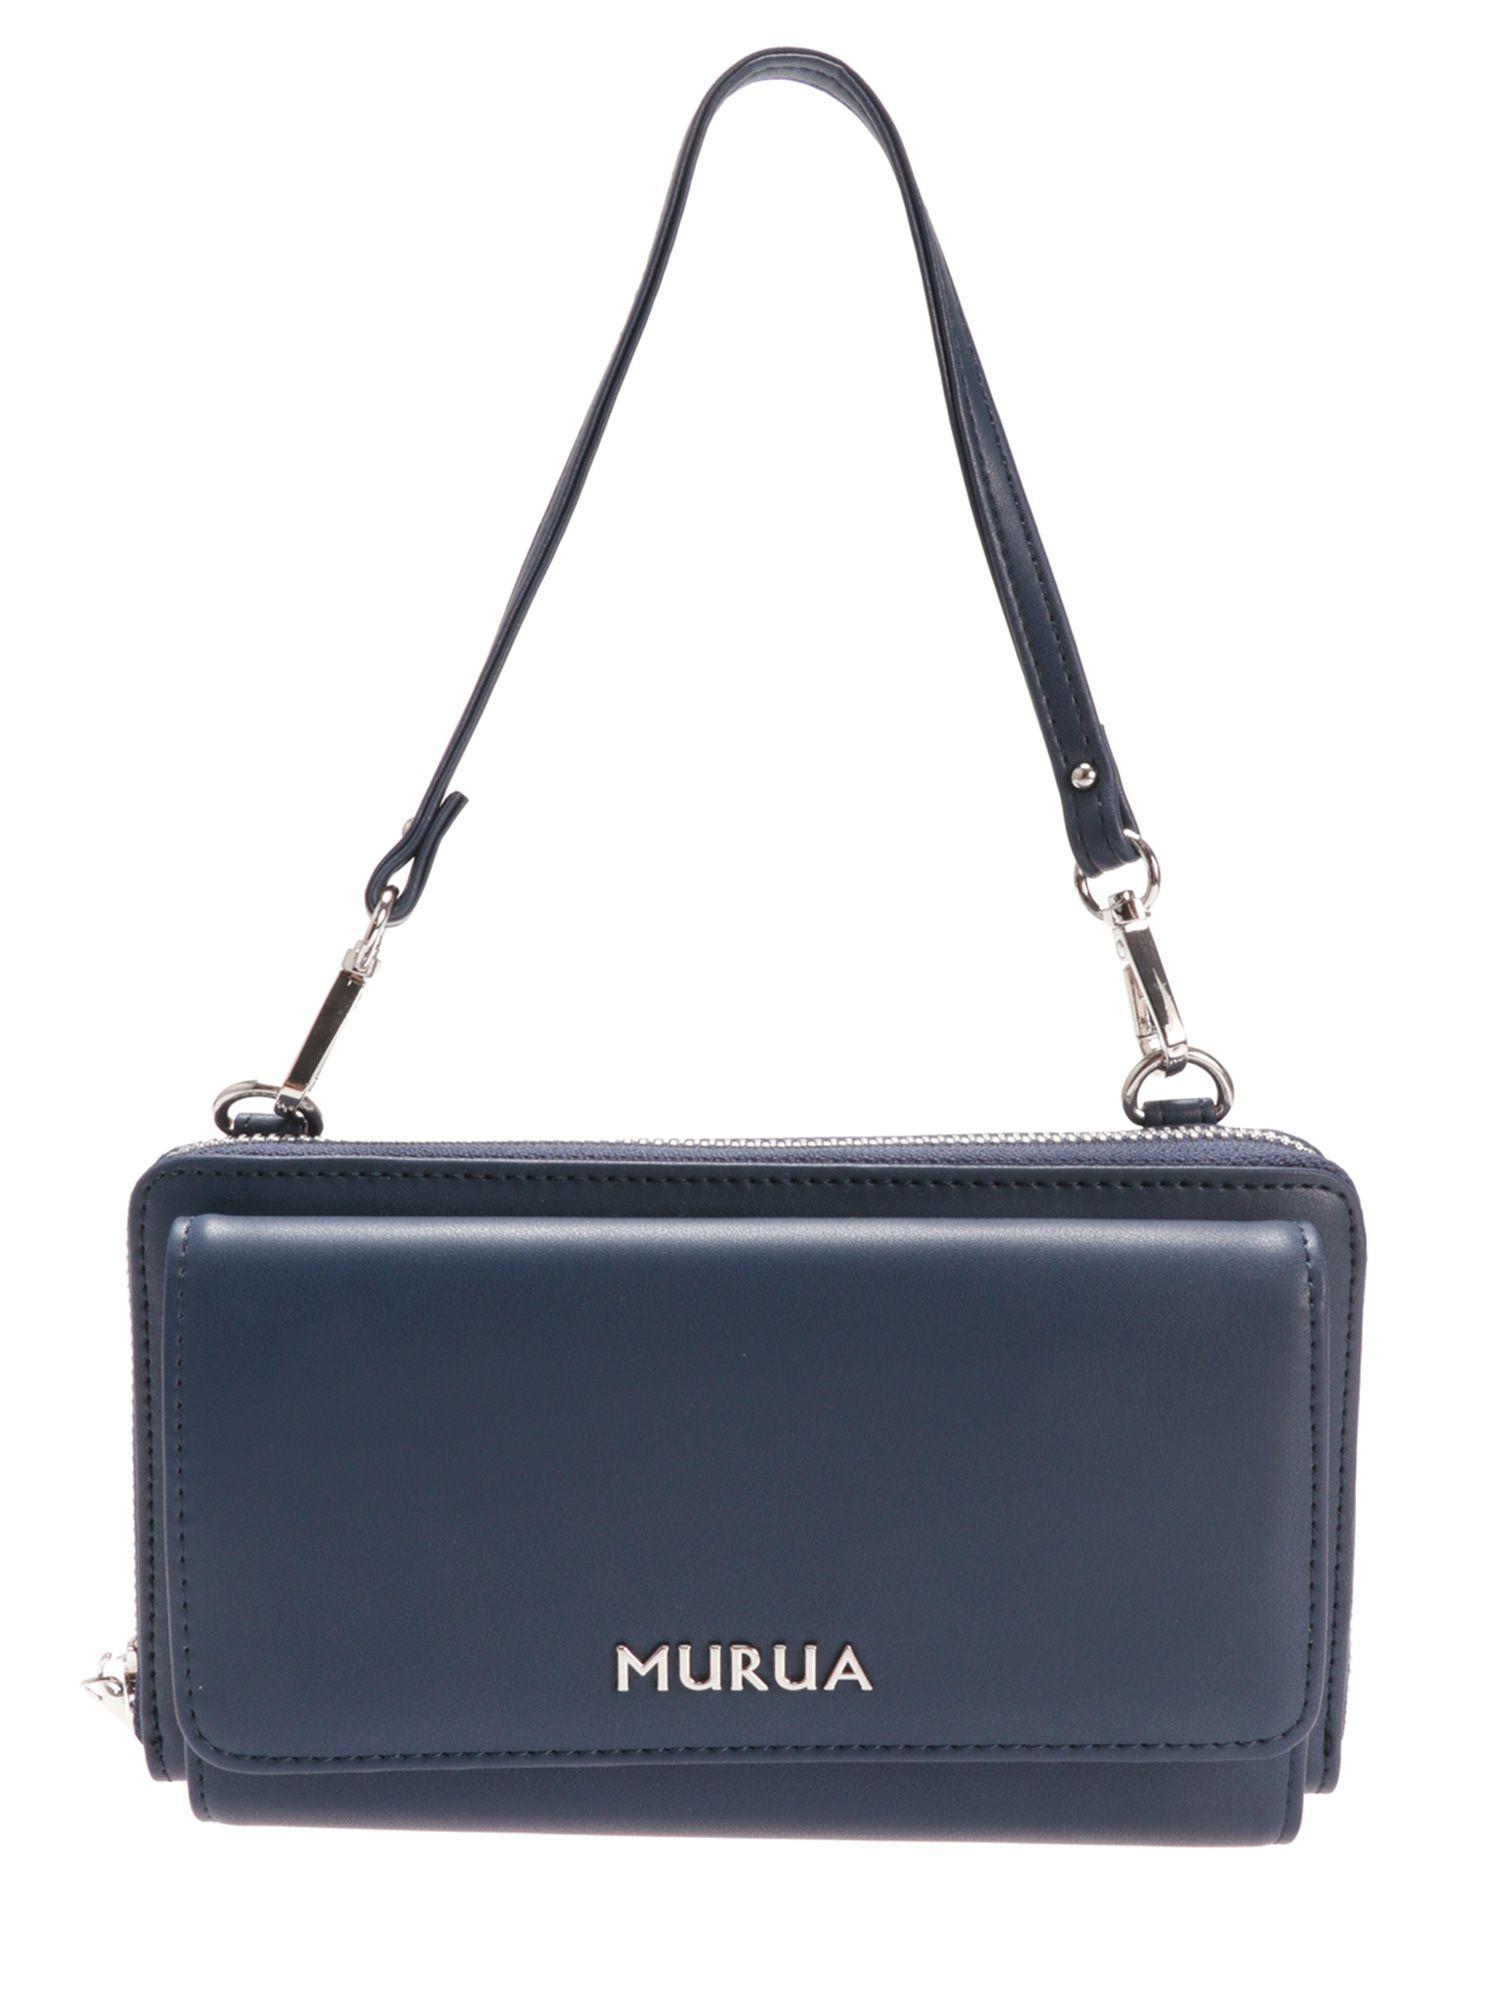 【MURUA】ベーシック お財布ショルダーバッグ